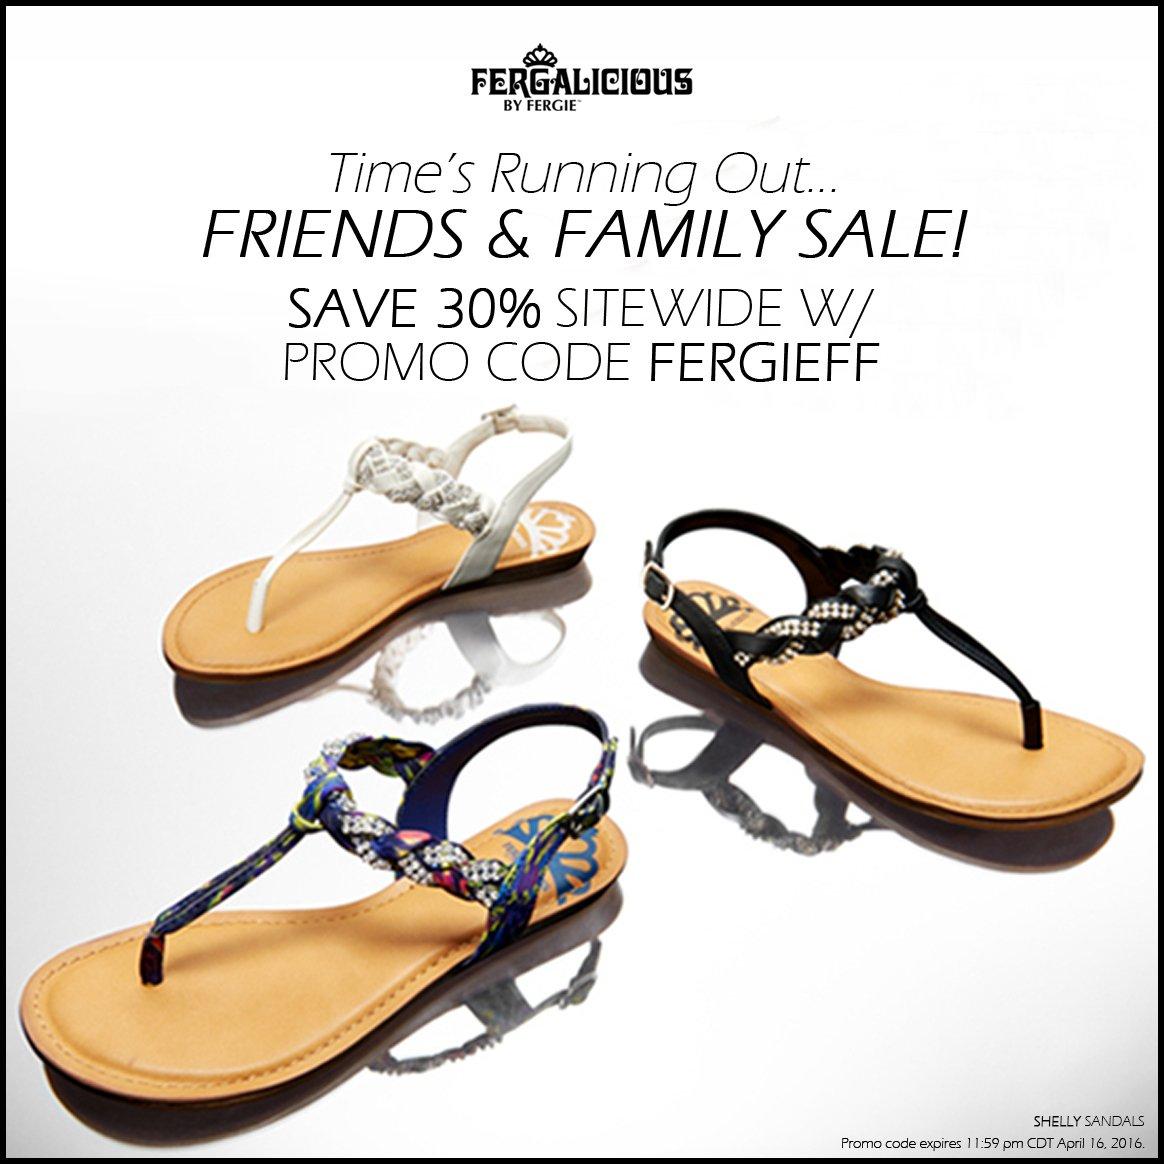 RT @FergaliciousBF: #FriendsAndFamilySale:Thru 4/16, take 30%OFF all #Fergalicious #shoes w/ #promocode FERGIEFF!https://t.co/0J30VGoyDB ht…